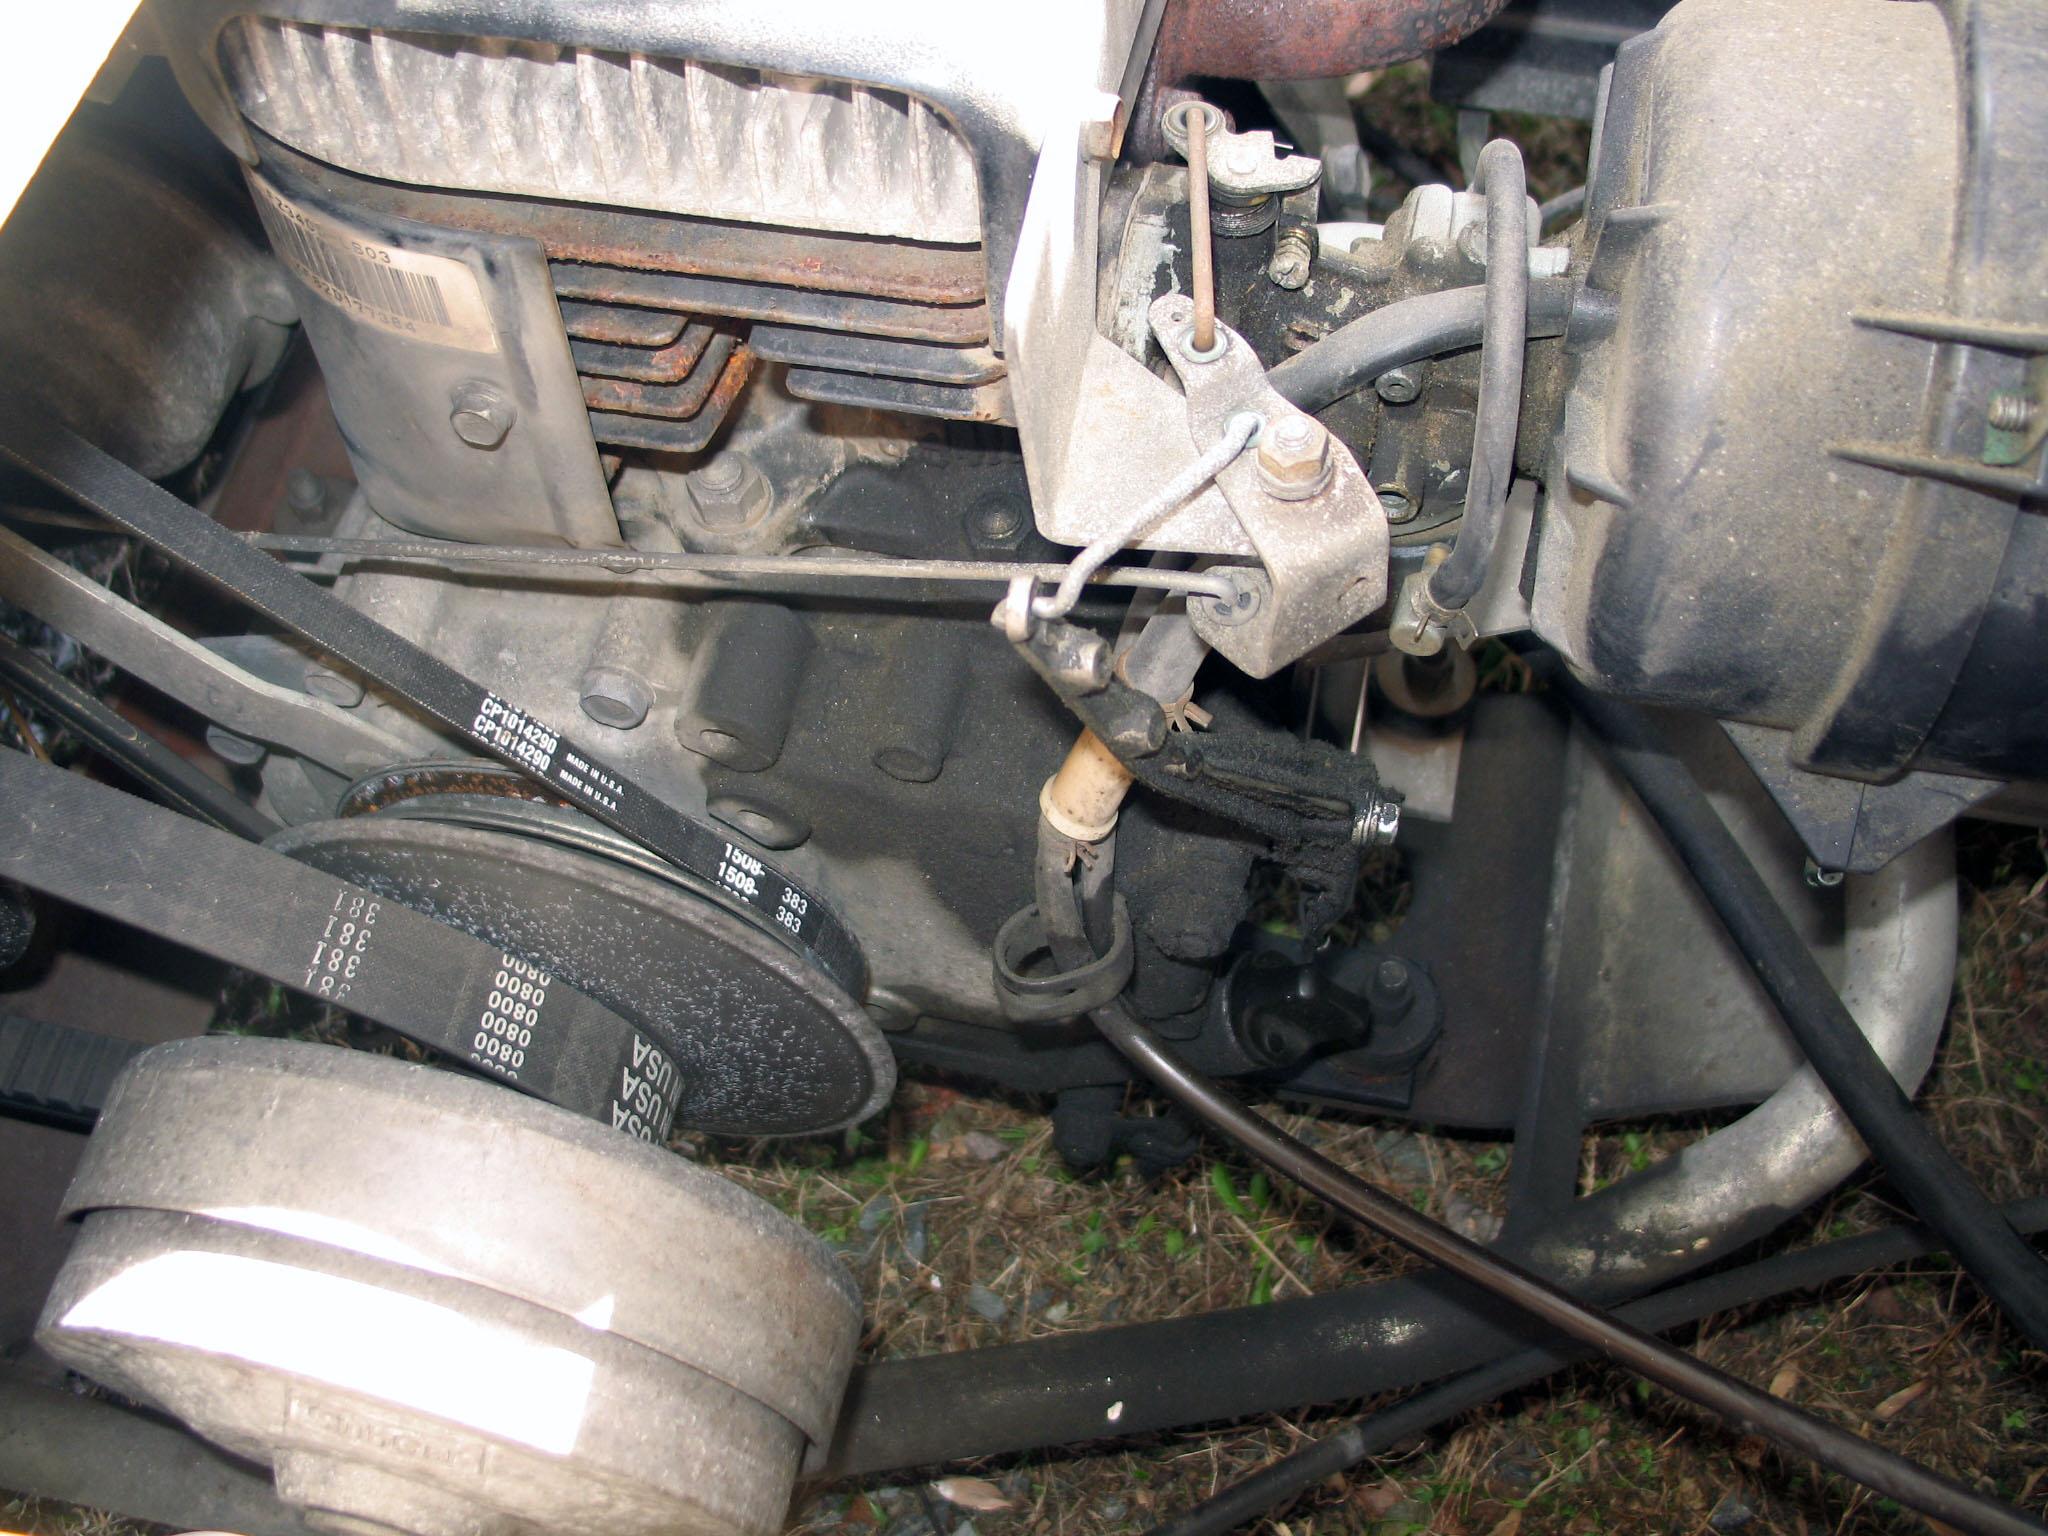 [ZHKZ_3066]  AG_6523] 1983 Ezgo Golf Cart Wiring Diagram Schematic Wiring | 1983 Western Golf Cart Wiring Diagram |  | Spoat Mopar Bdel Elae Animo Bemua Mohammedshrine Librar Wiring 101